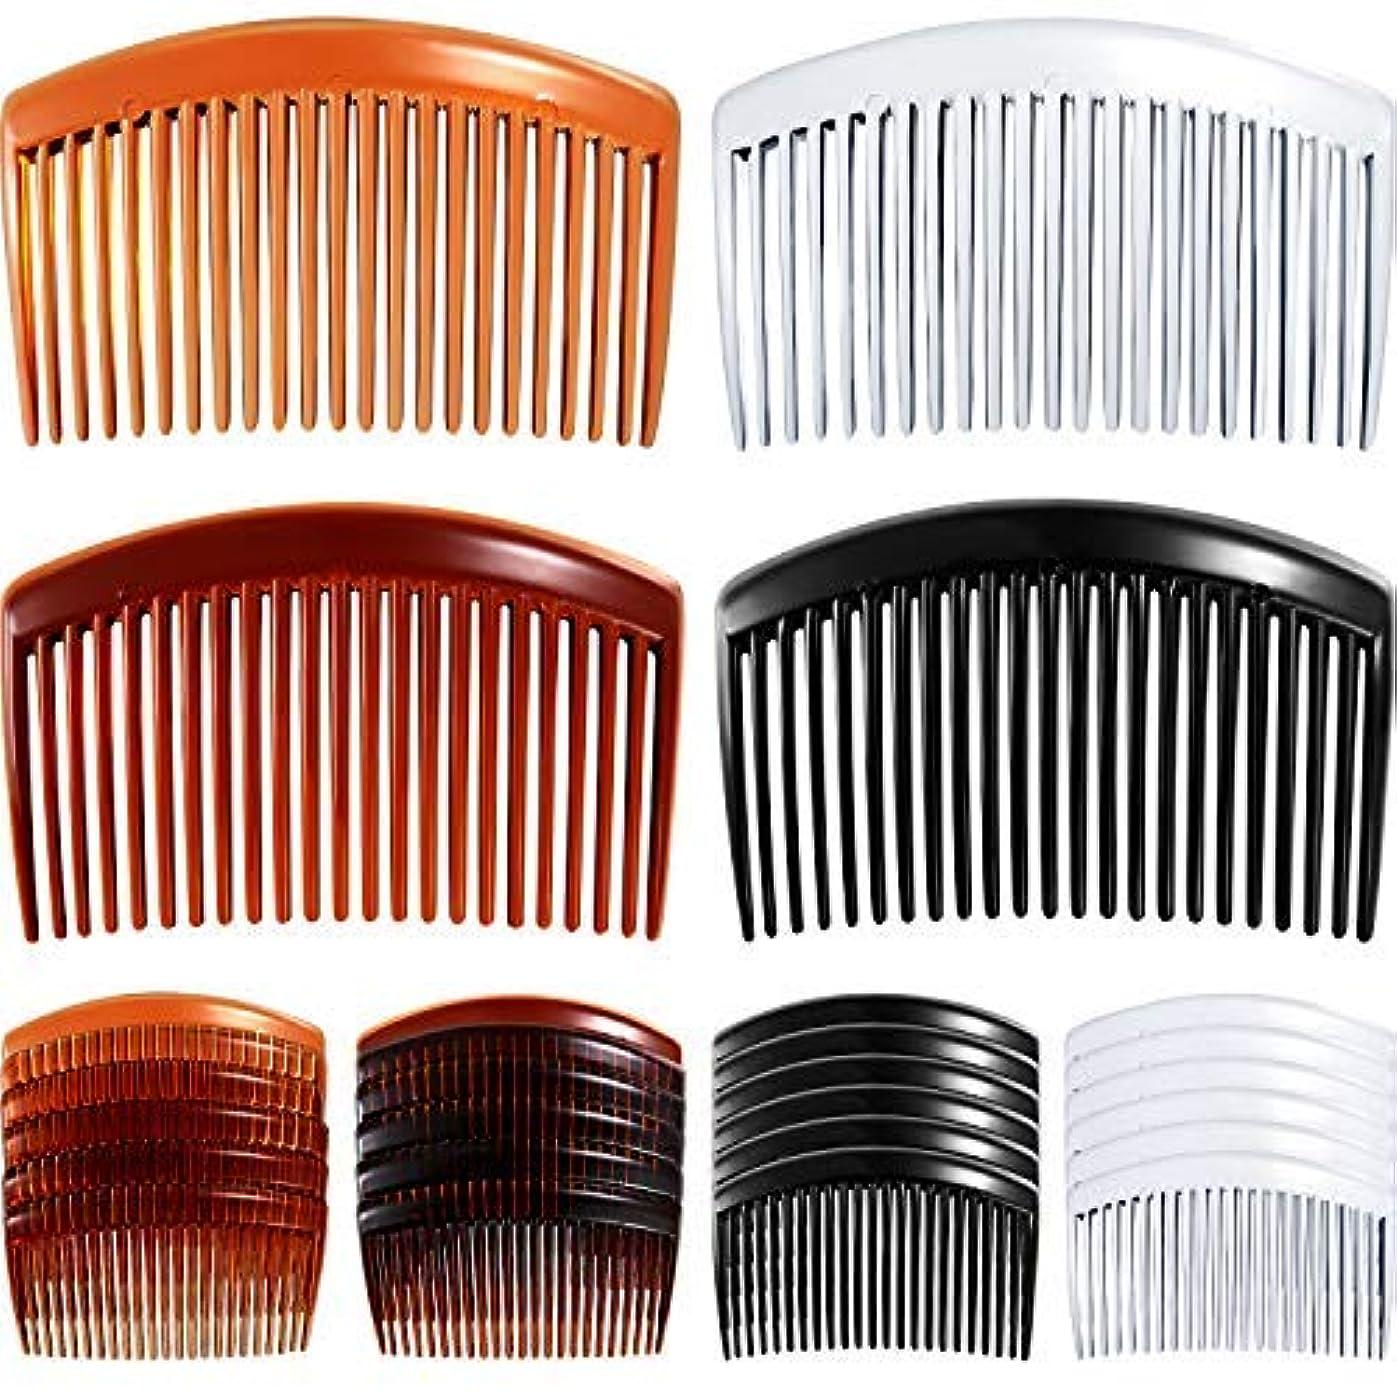 サイクロプスファンヘッジ24 Pieces Hair Comb Plastic Hair Side Combs Straight Teeth Hair Clip Comb Bridal Wedding Veil Comb for Fine Hair...